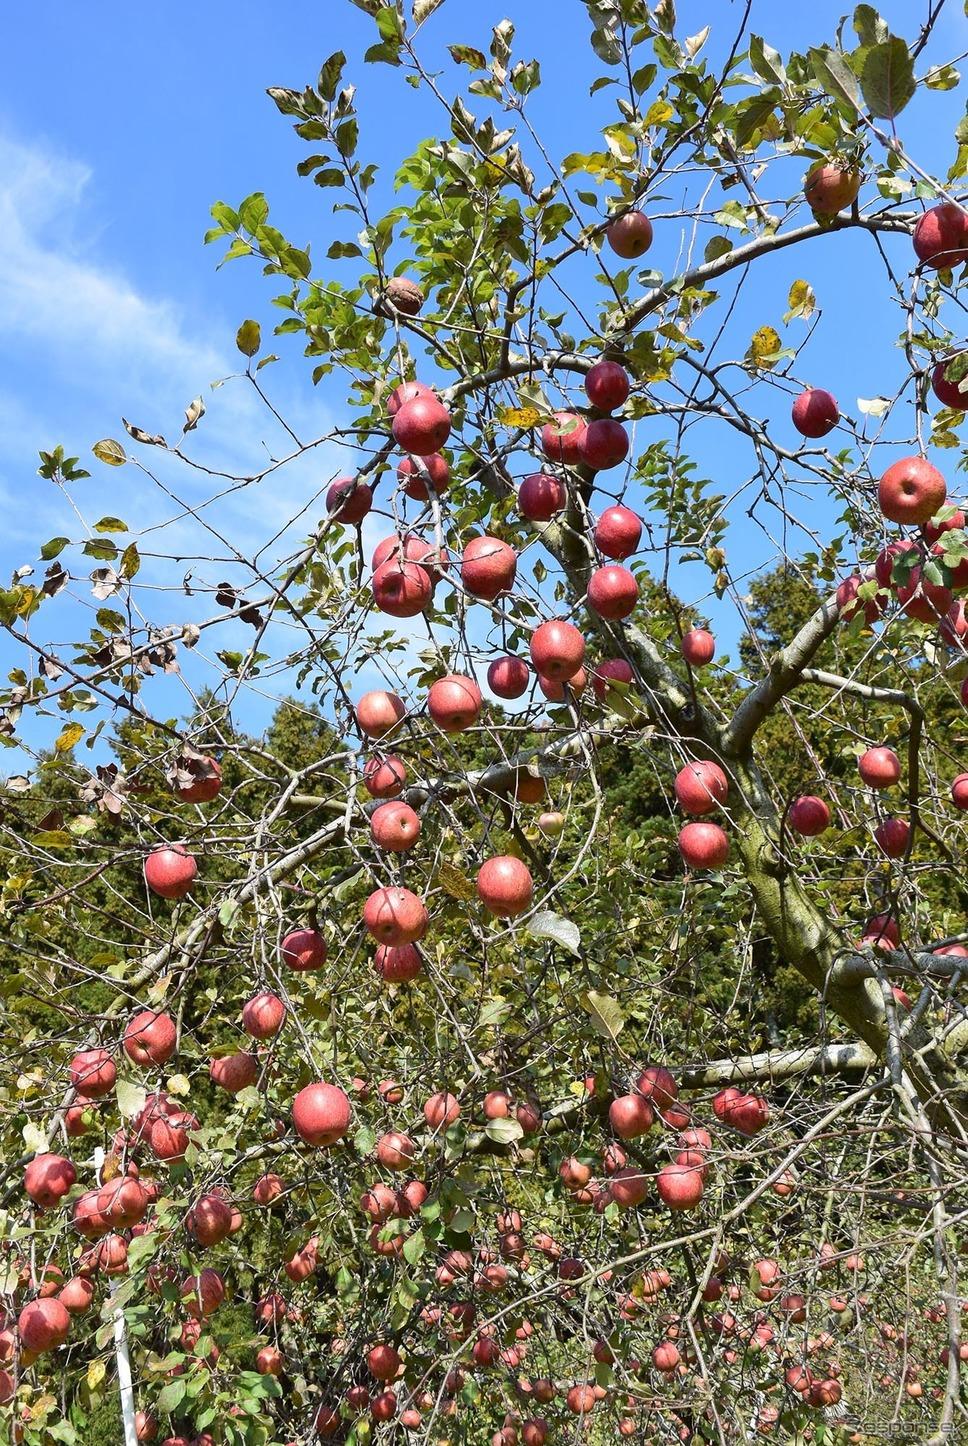 たわわに実ったりんごを収穫する。《撮影 井元康一郎》